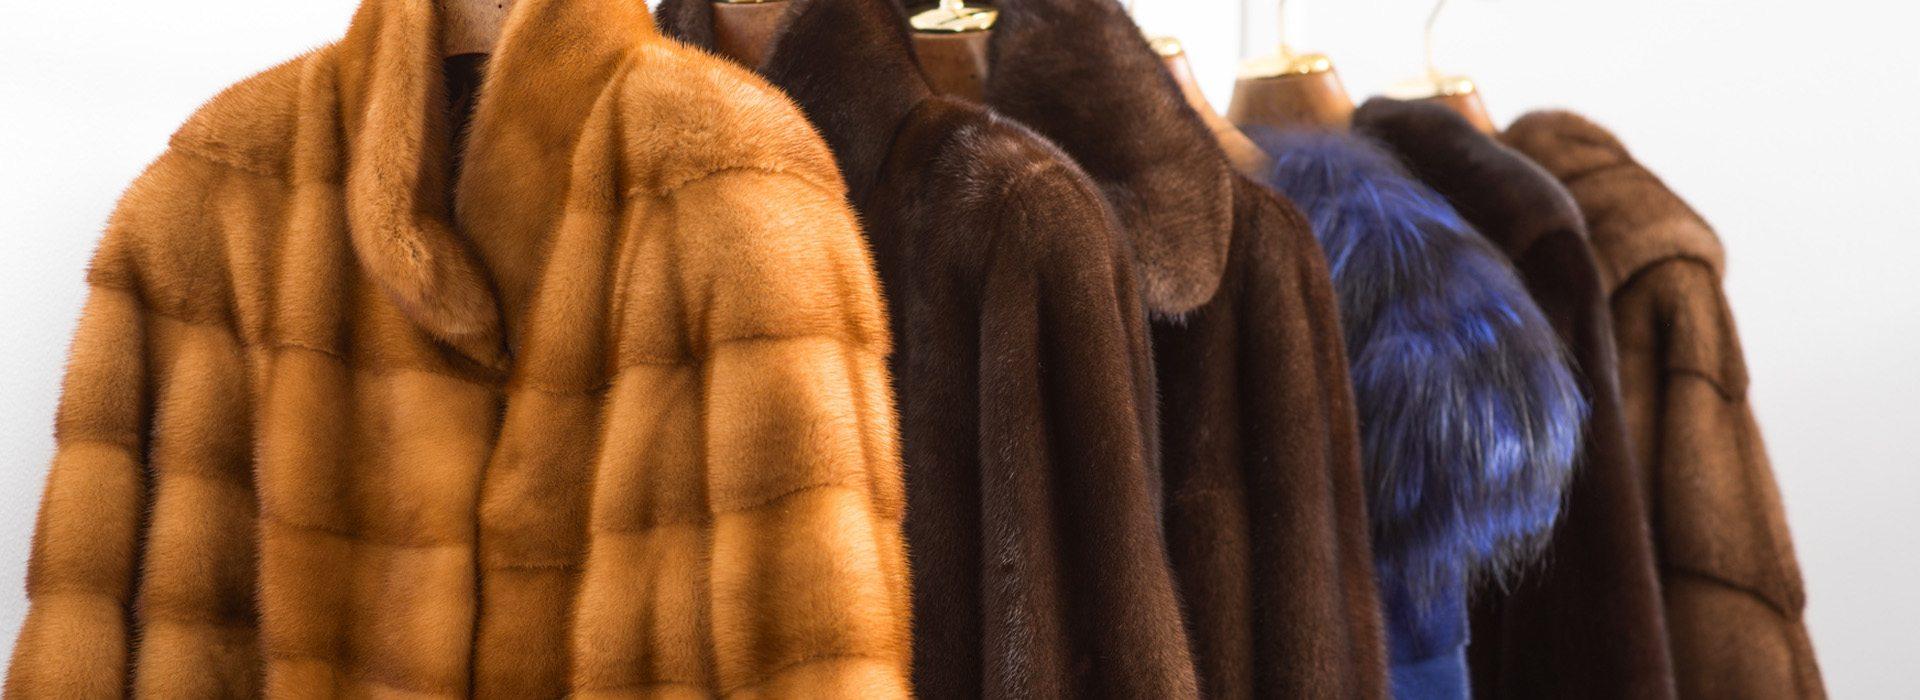 Servizio custodia pellicce in estate